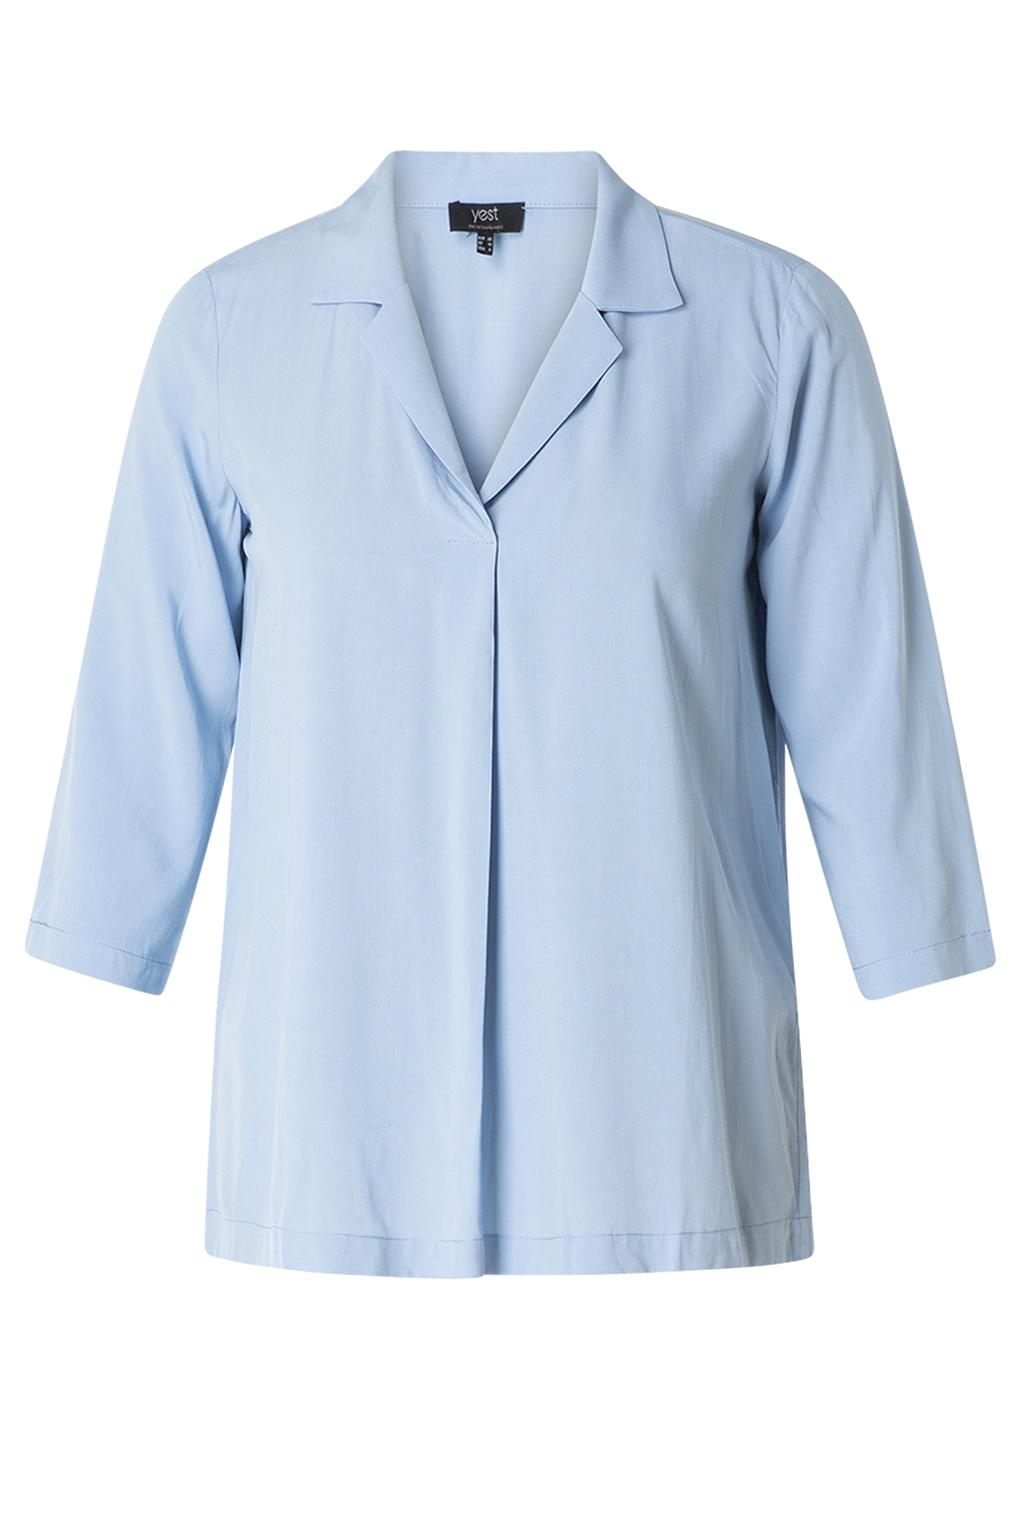 Shirt Yesta V-hals